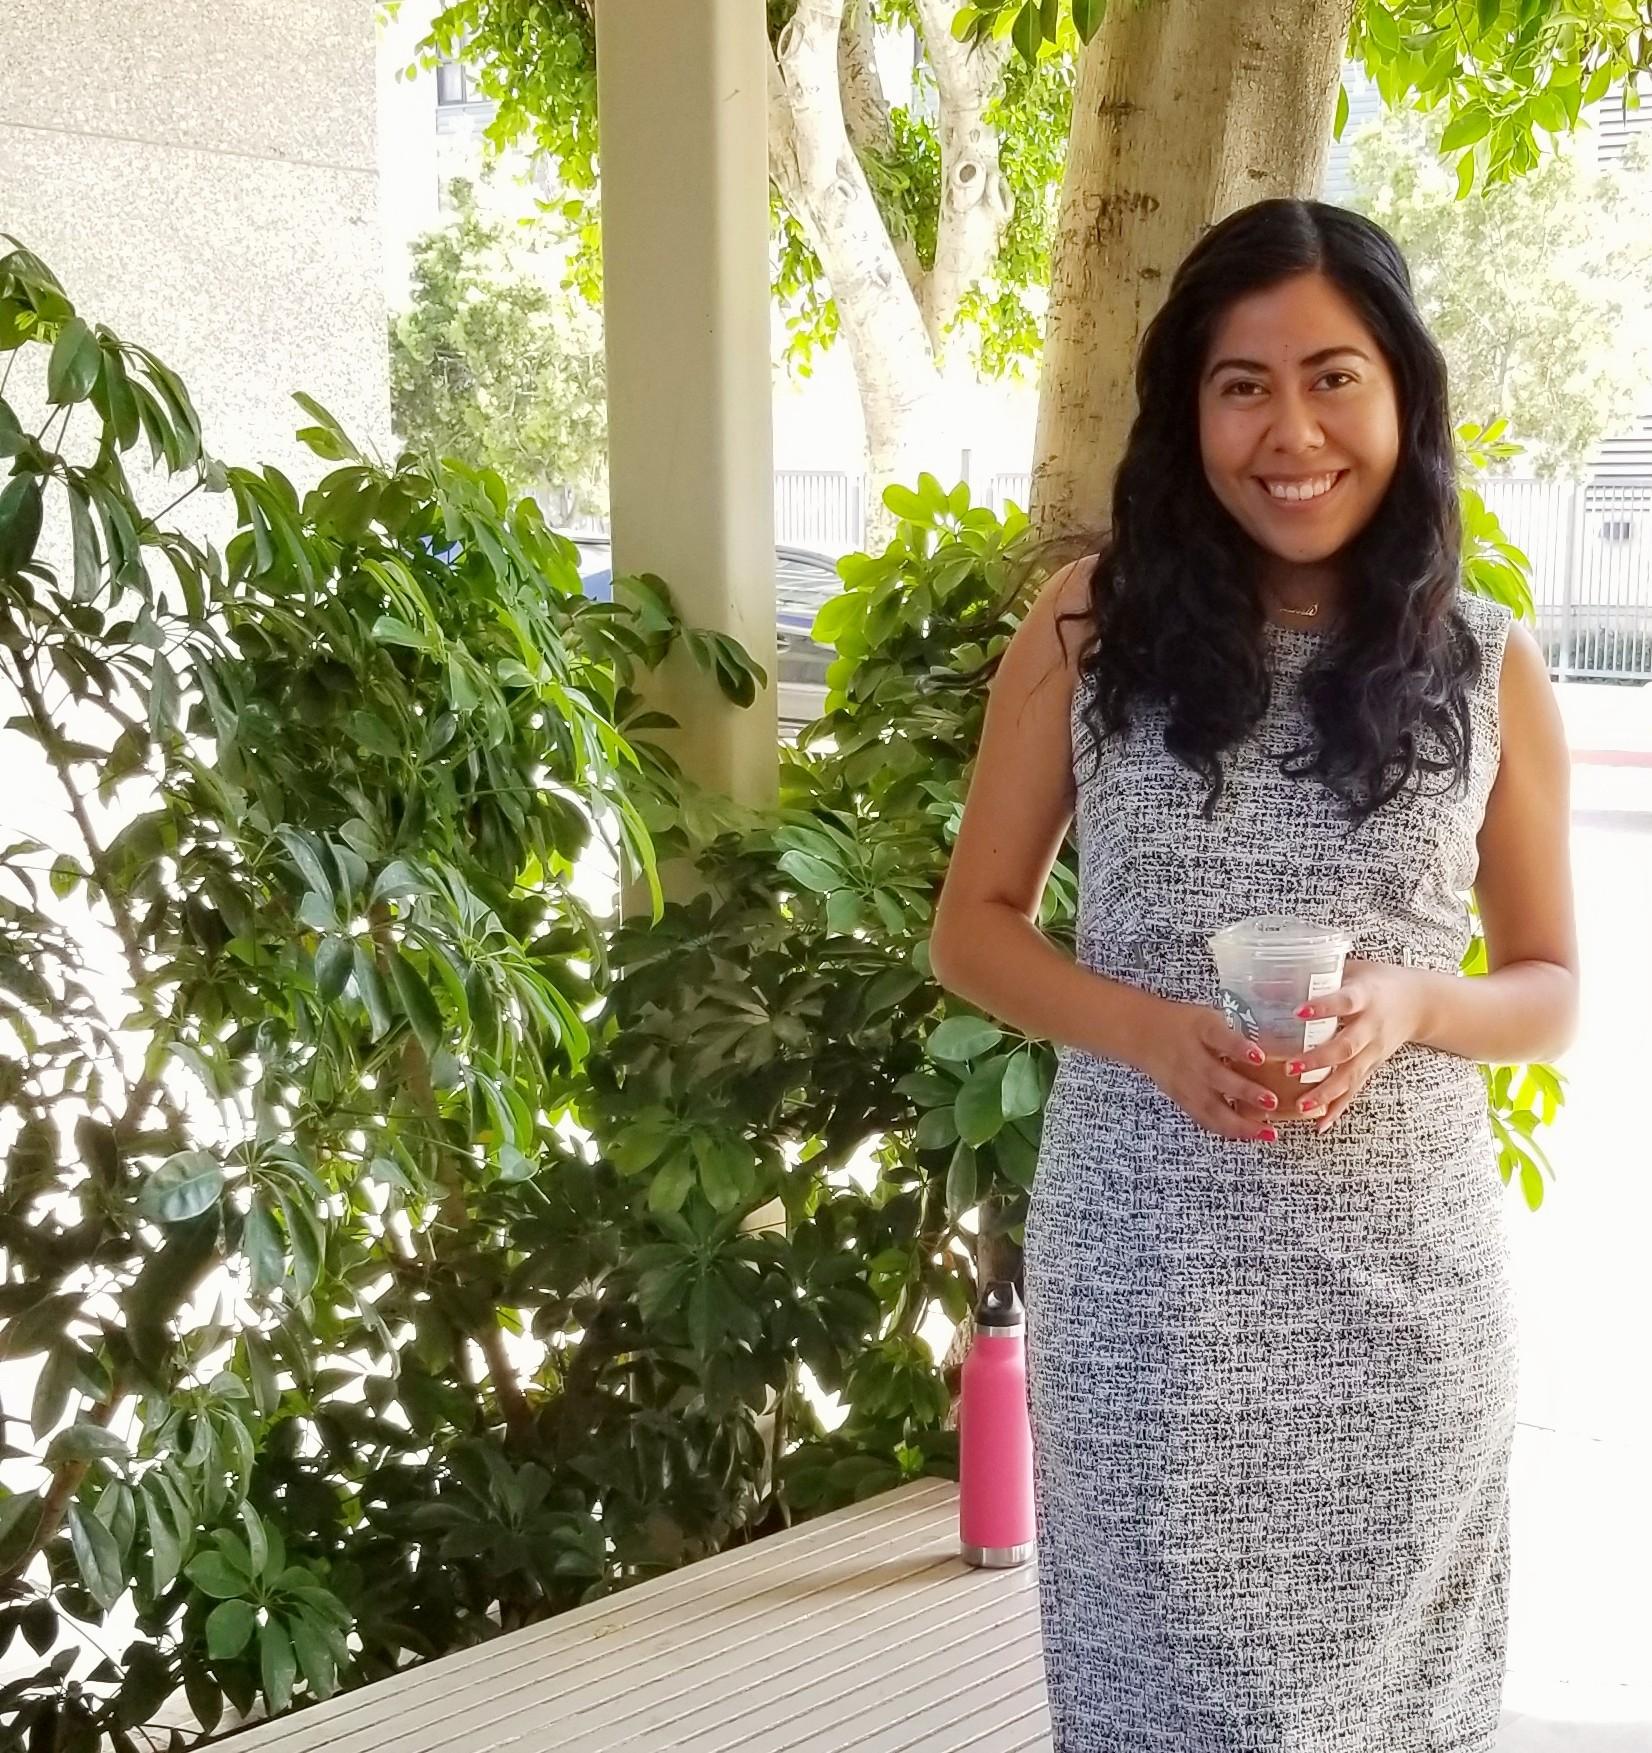 Image of Dream Center Coordinator, Vania Agama